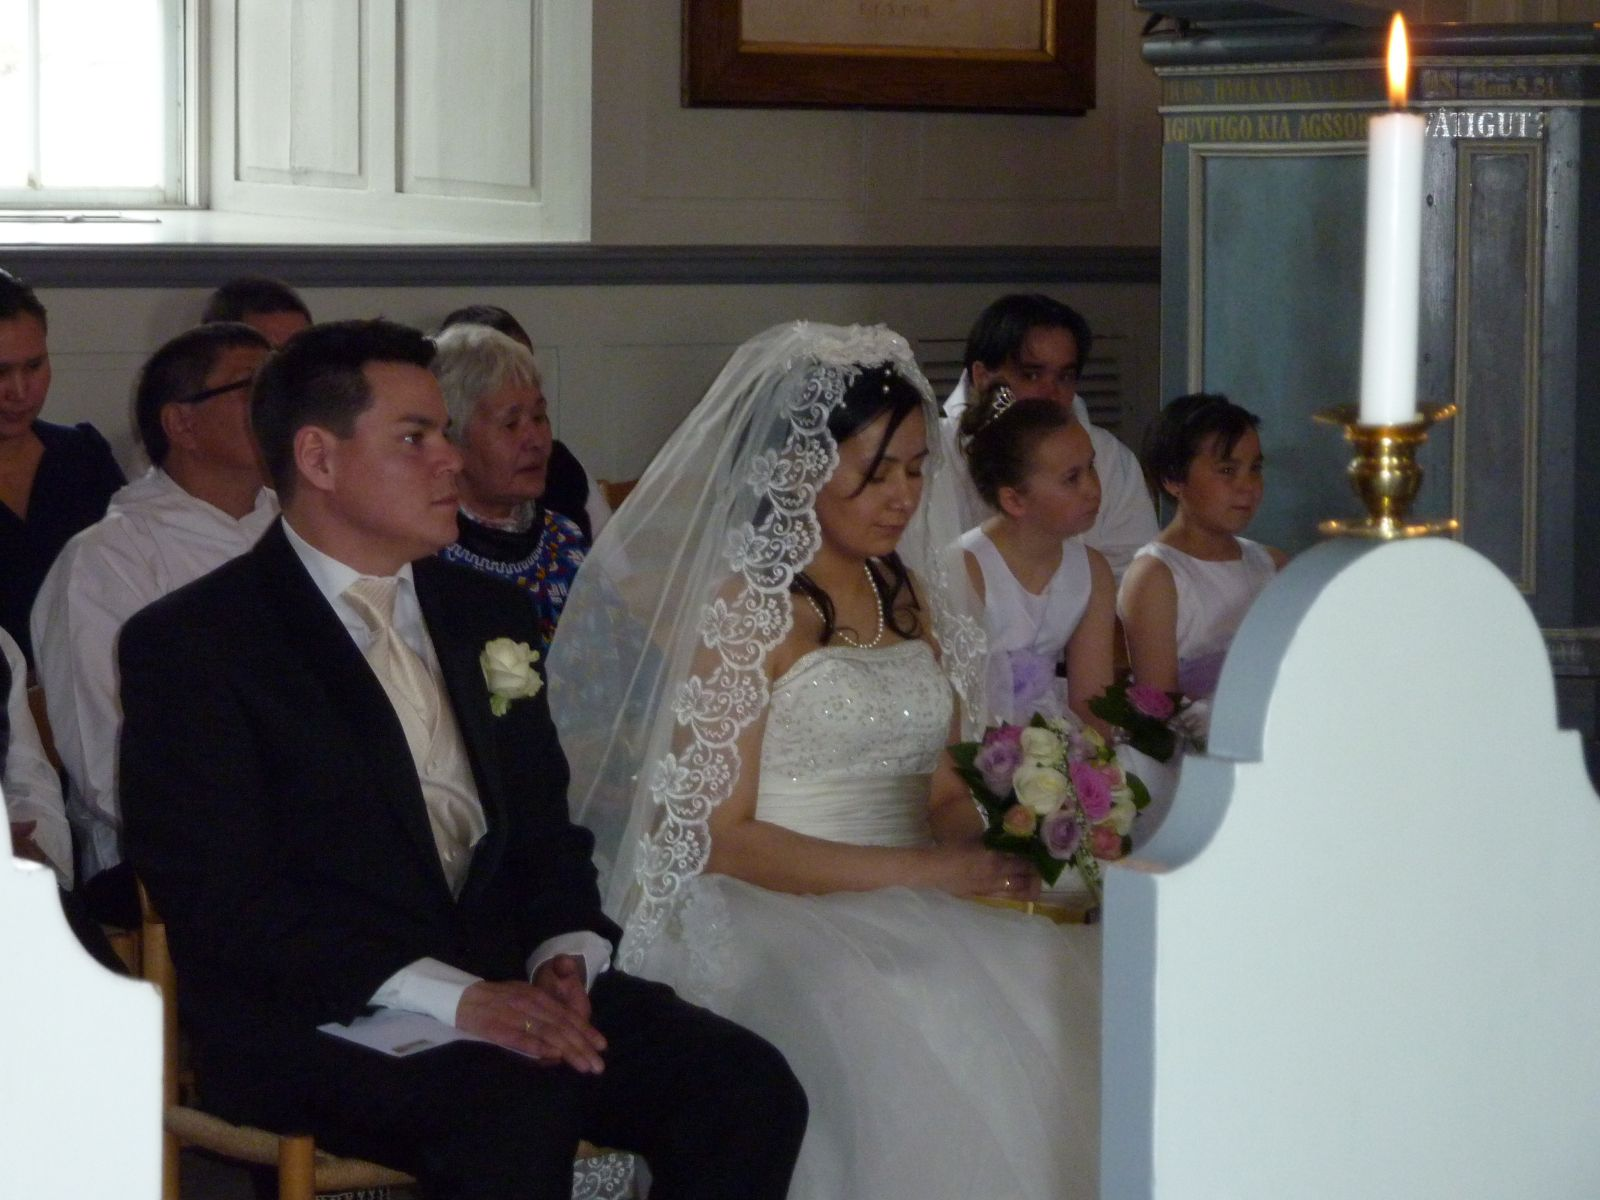 Niels Erik Kristiansen og Ulla's bryllup i kirken